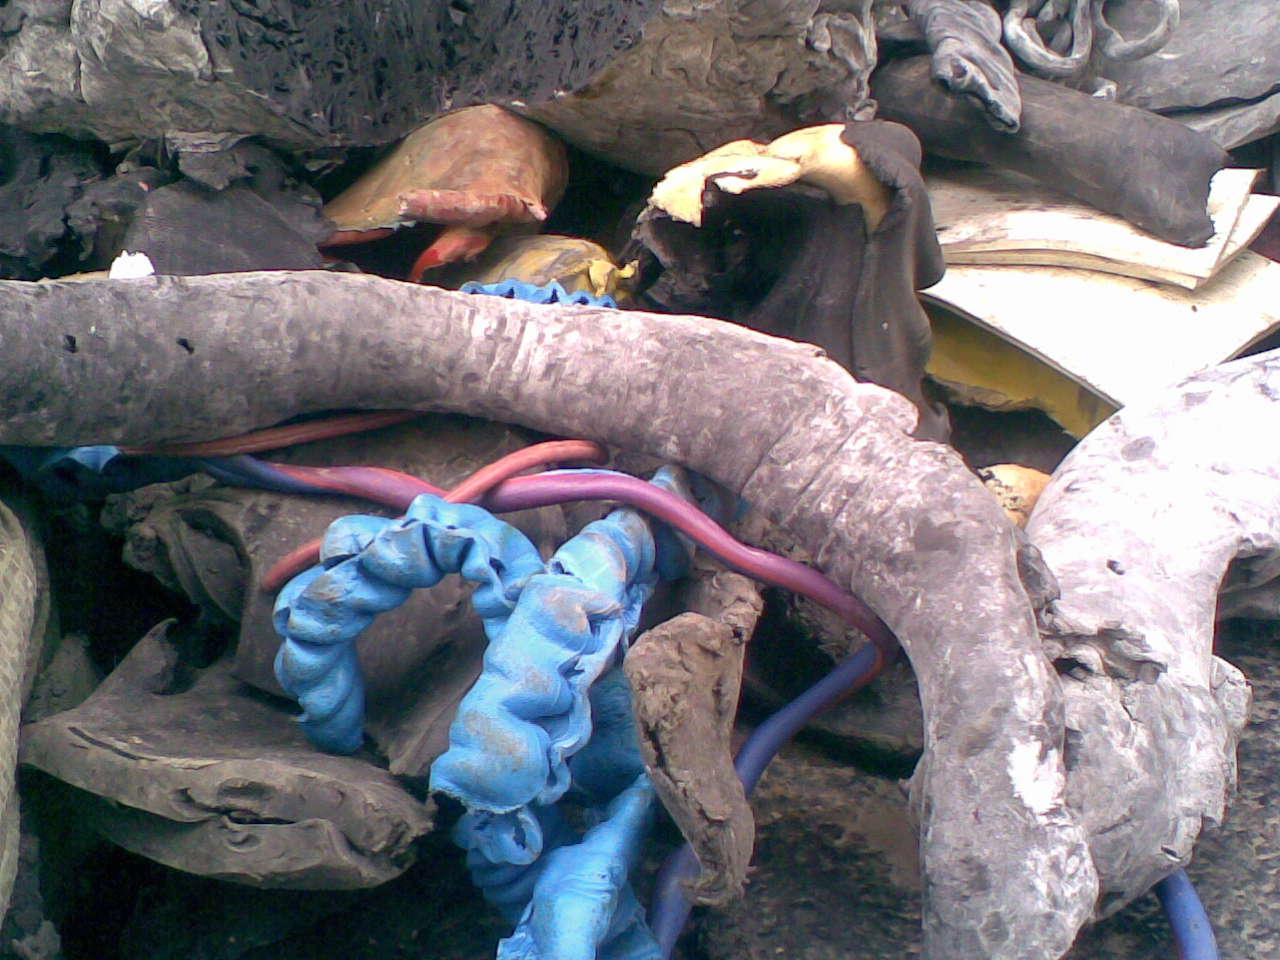 Unvulcanized rubber cable